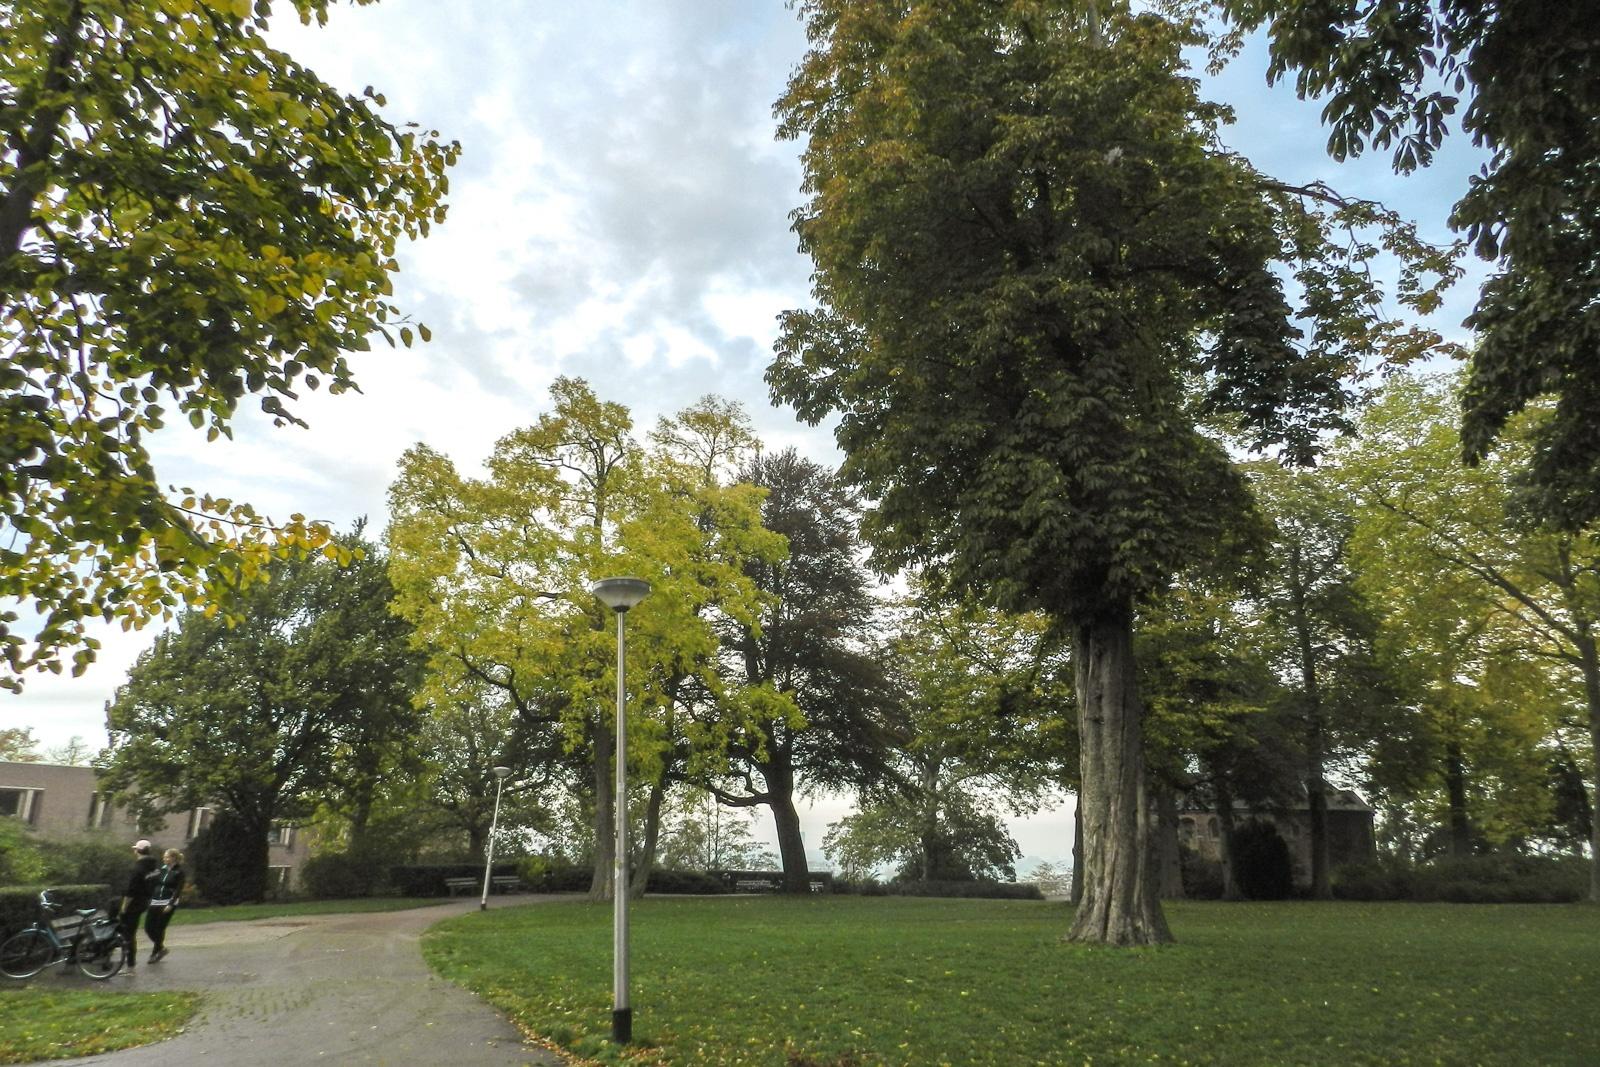 nijmegen-valkhofpark-01